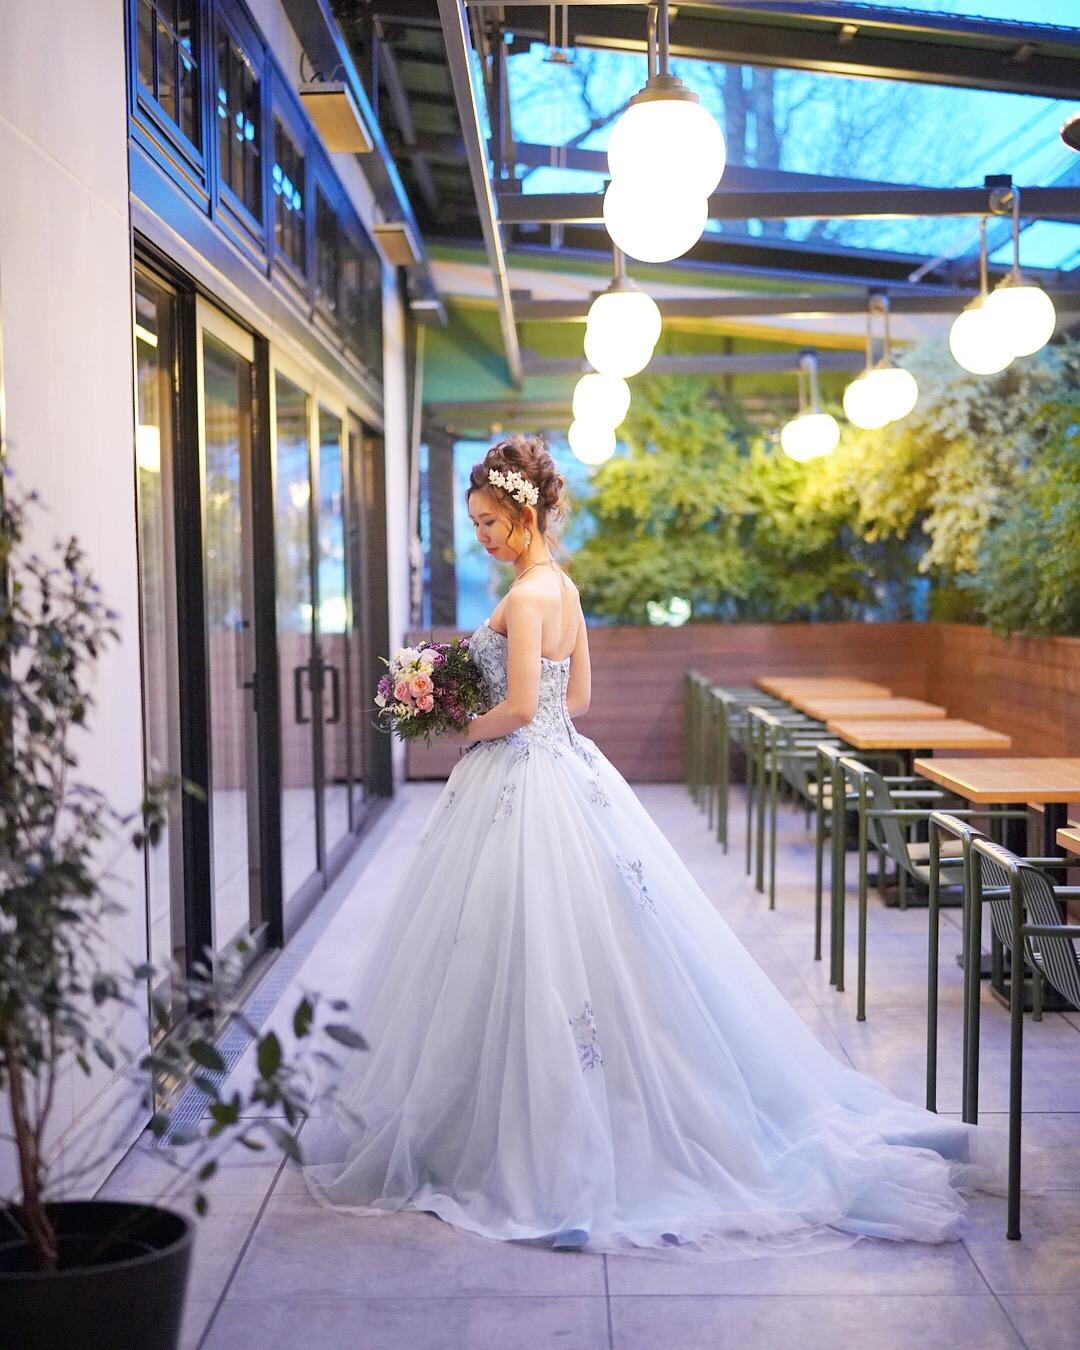 @yuzukiさんドレス1